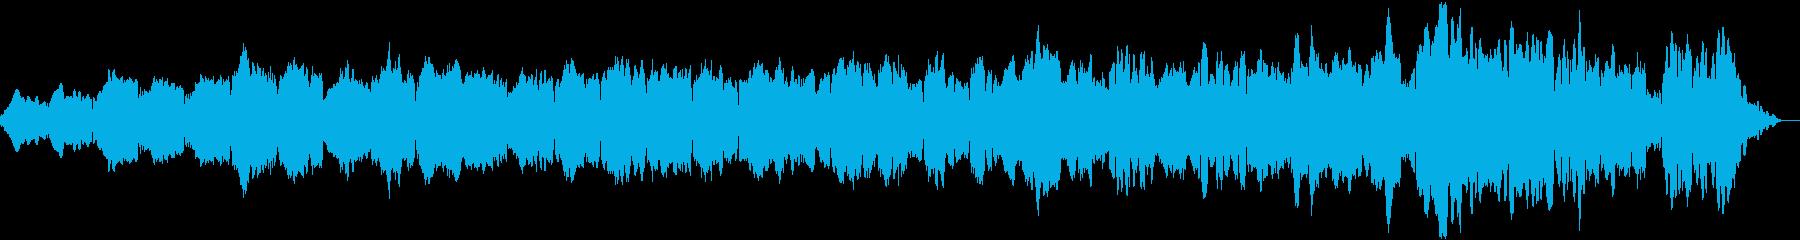 物語のオープニングにぴったりの曲の再生済みの波形